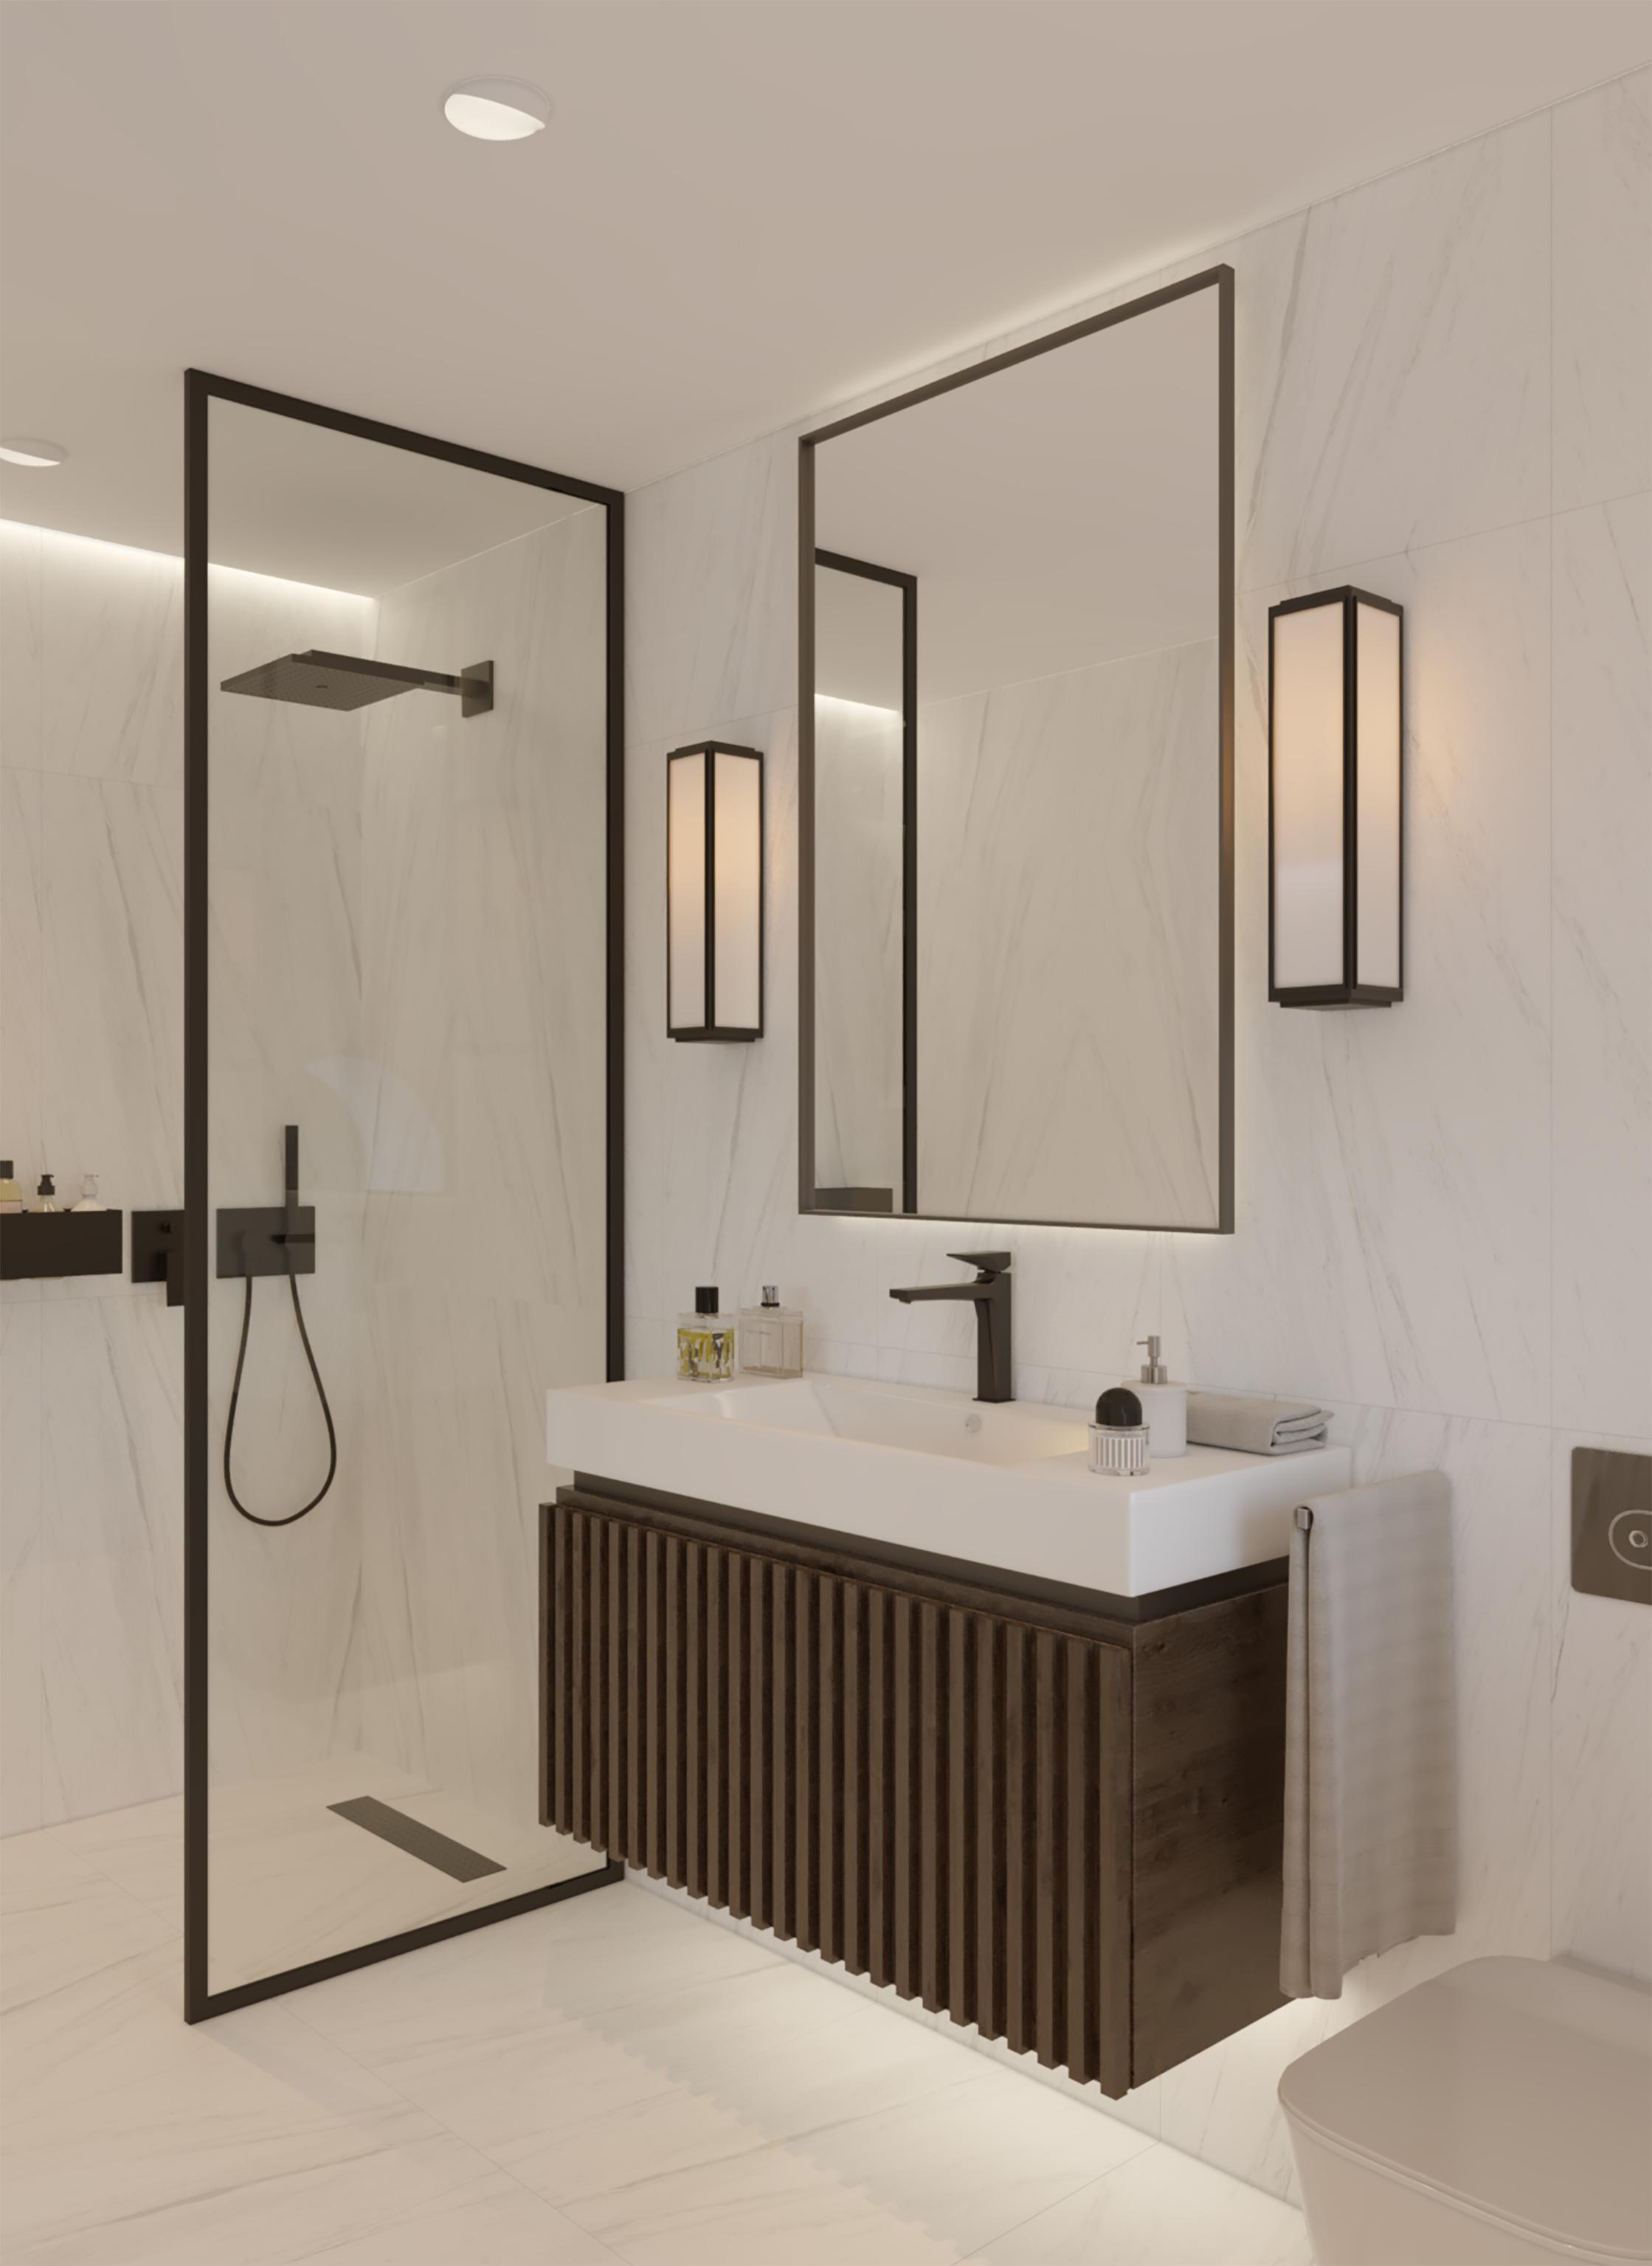 baño01A